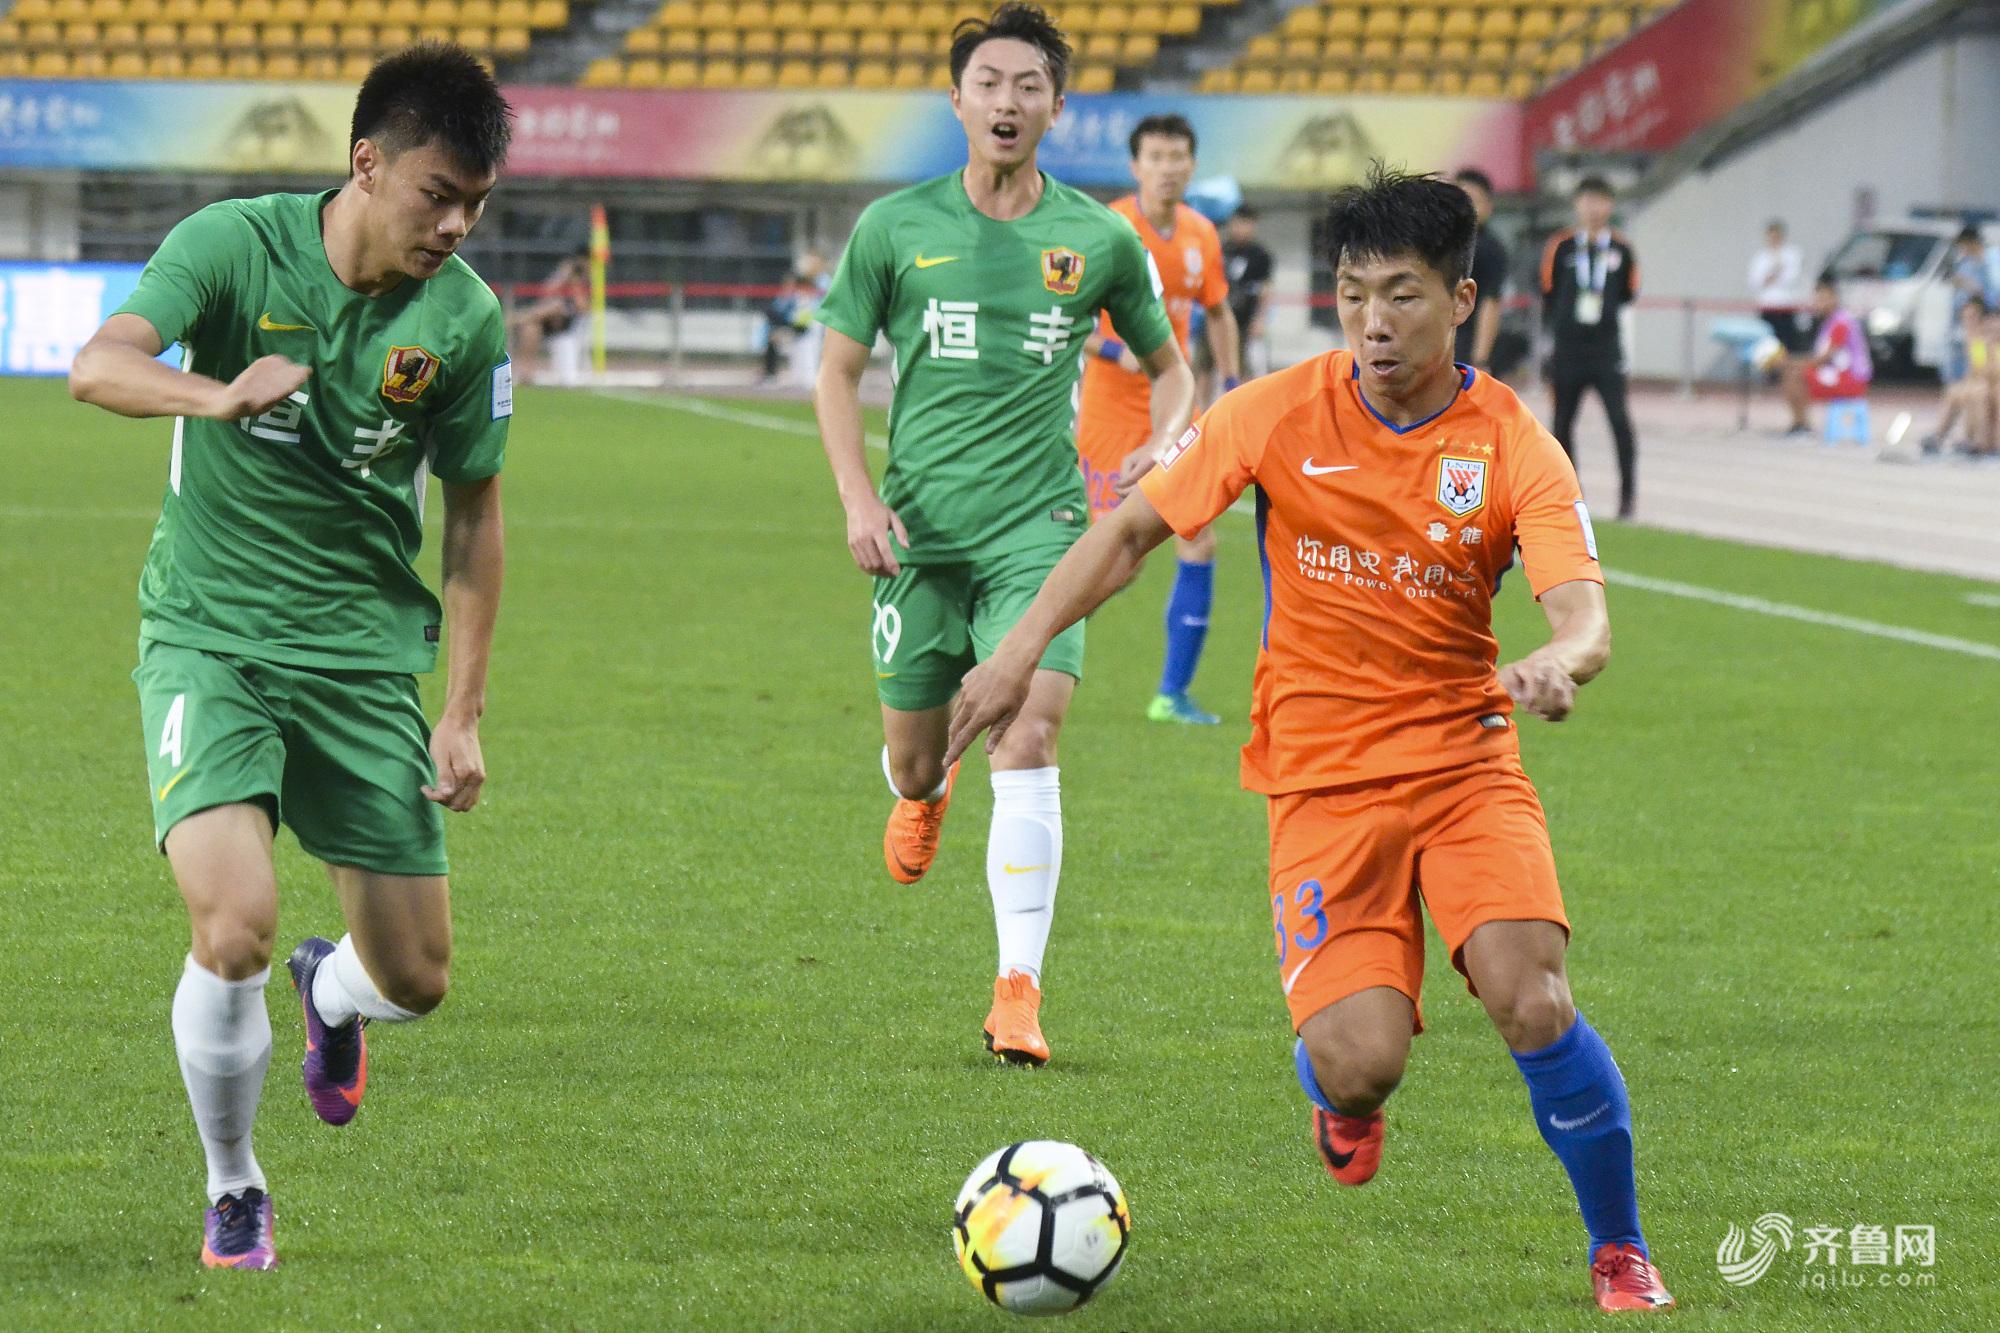 2018足协杯1/4决赛首回合:贵州恒丰智诚0-0山东鲁能